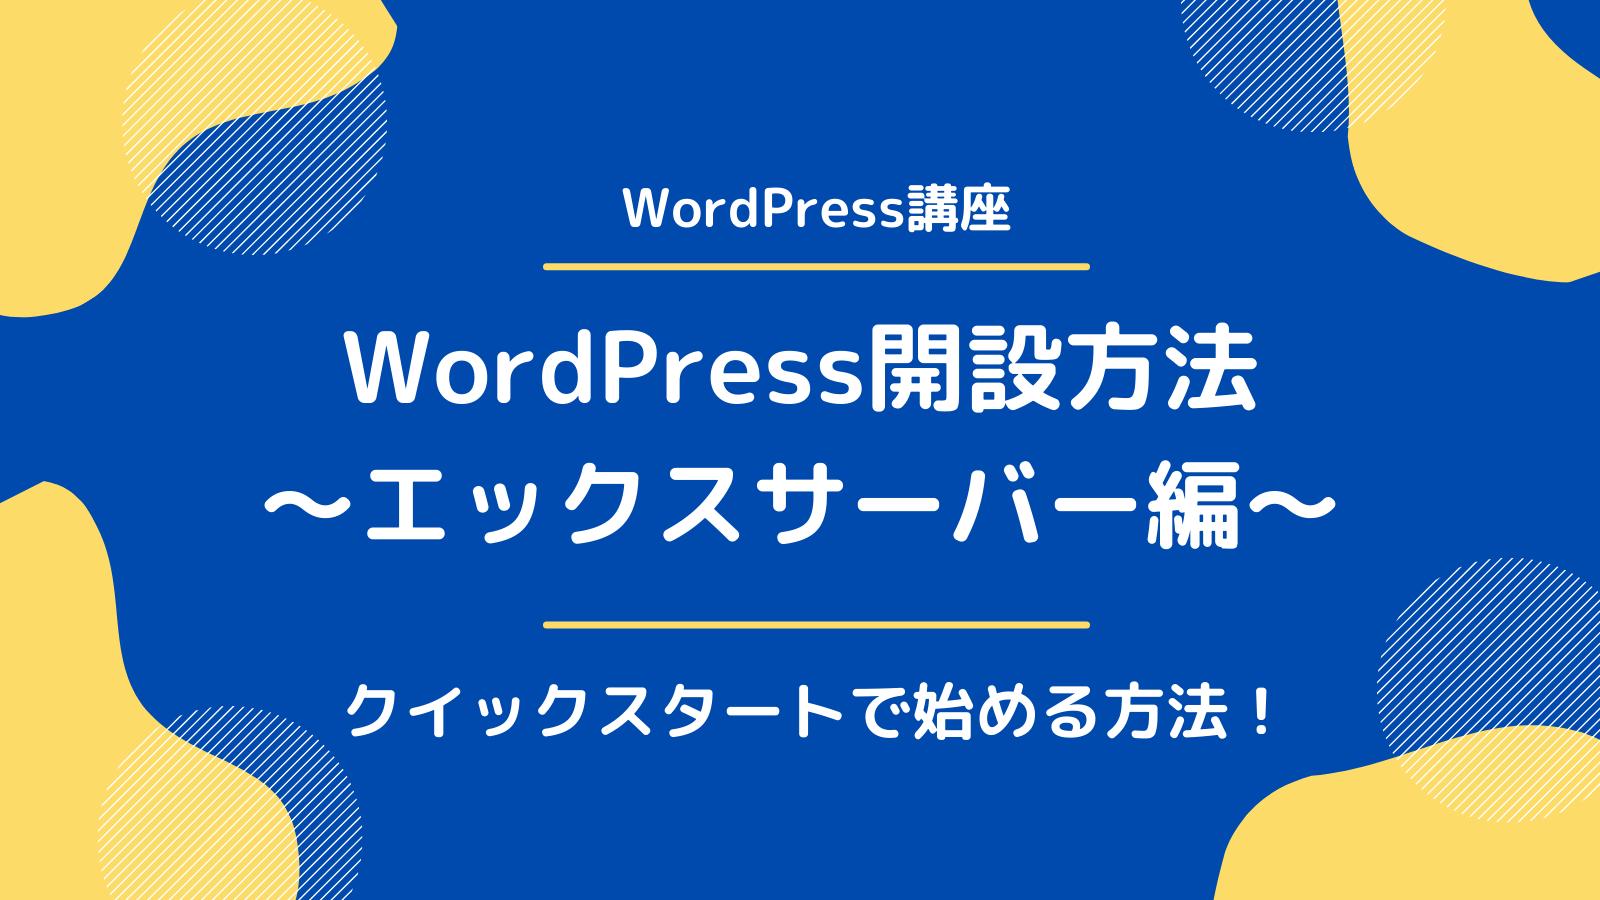 エックスサーバーでWordPressブログを開設する方法【クイックスタート版】